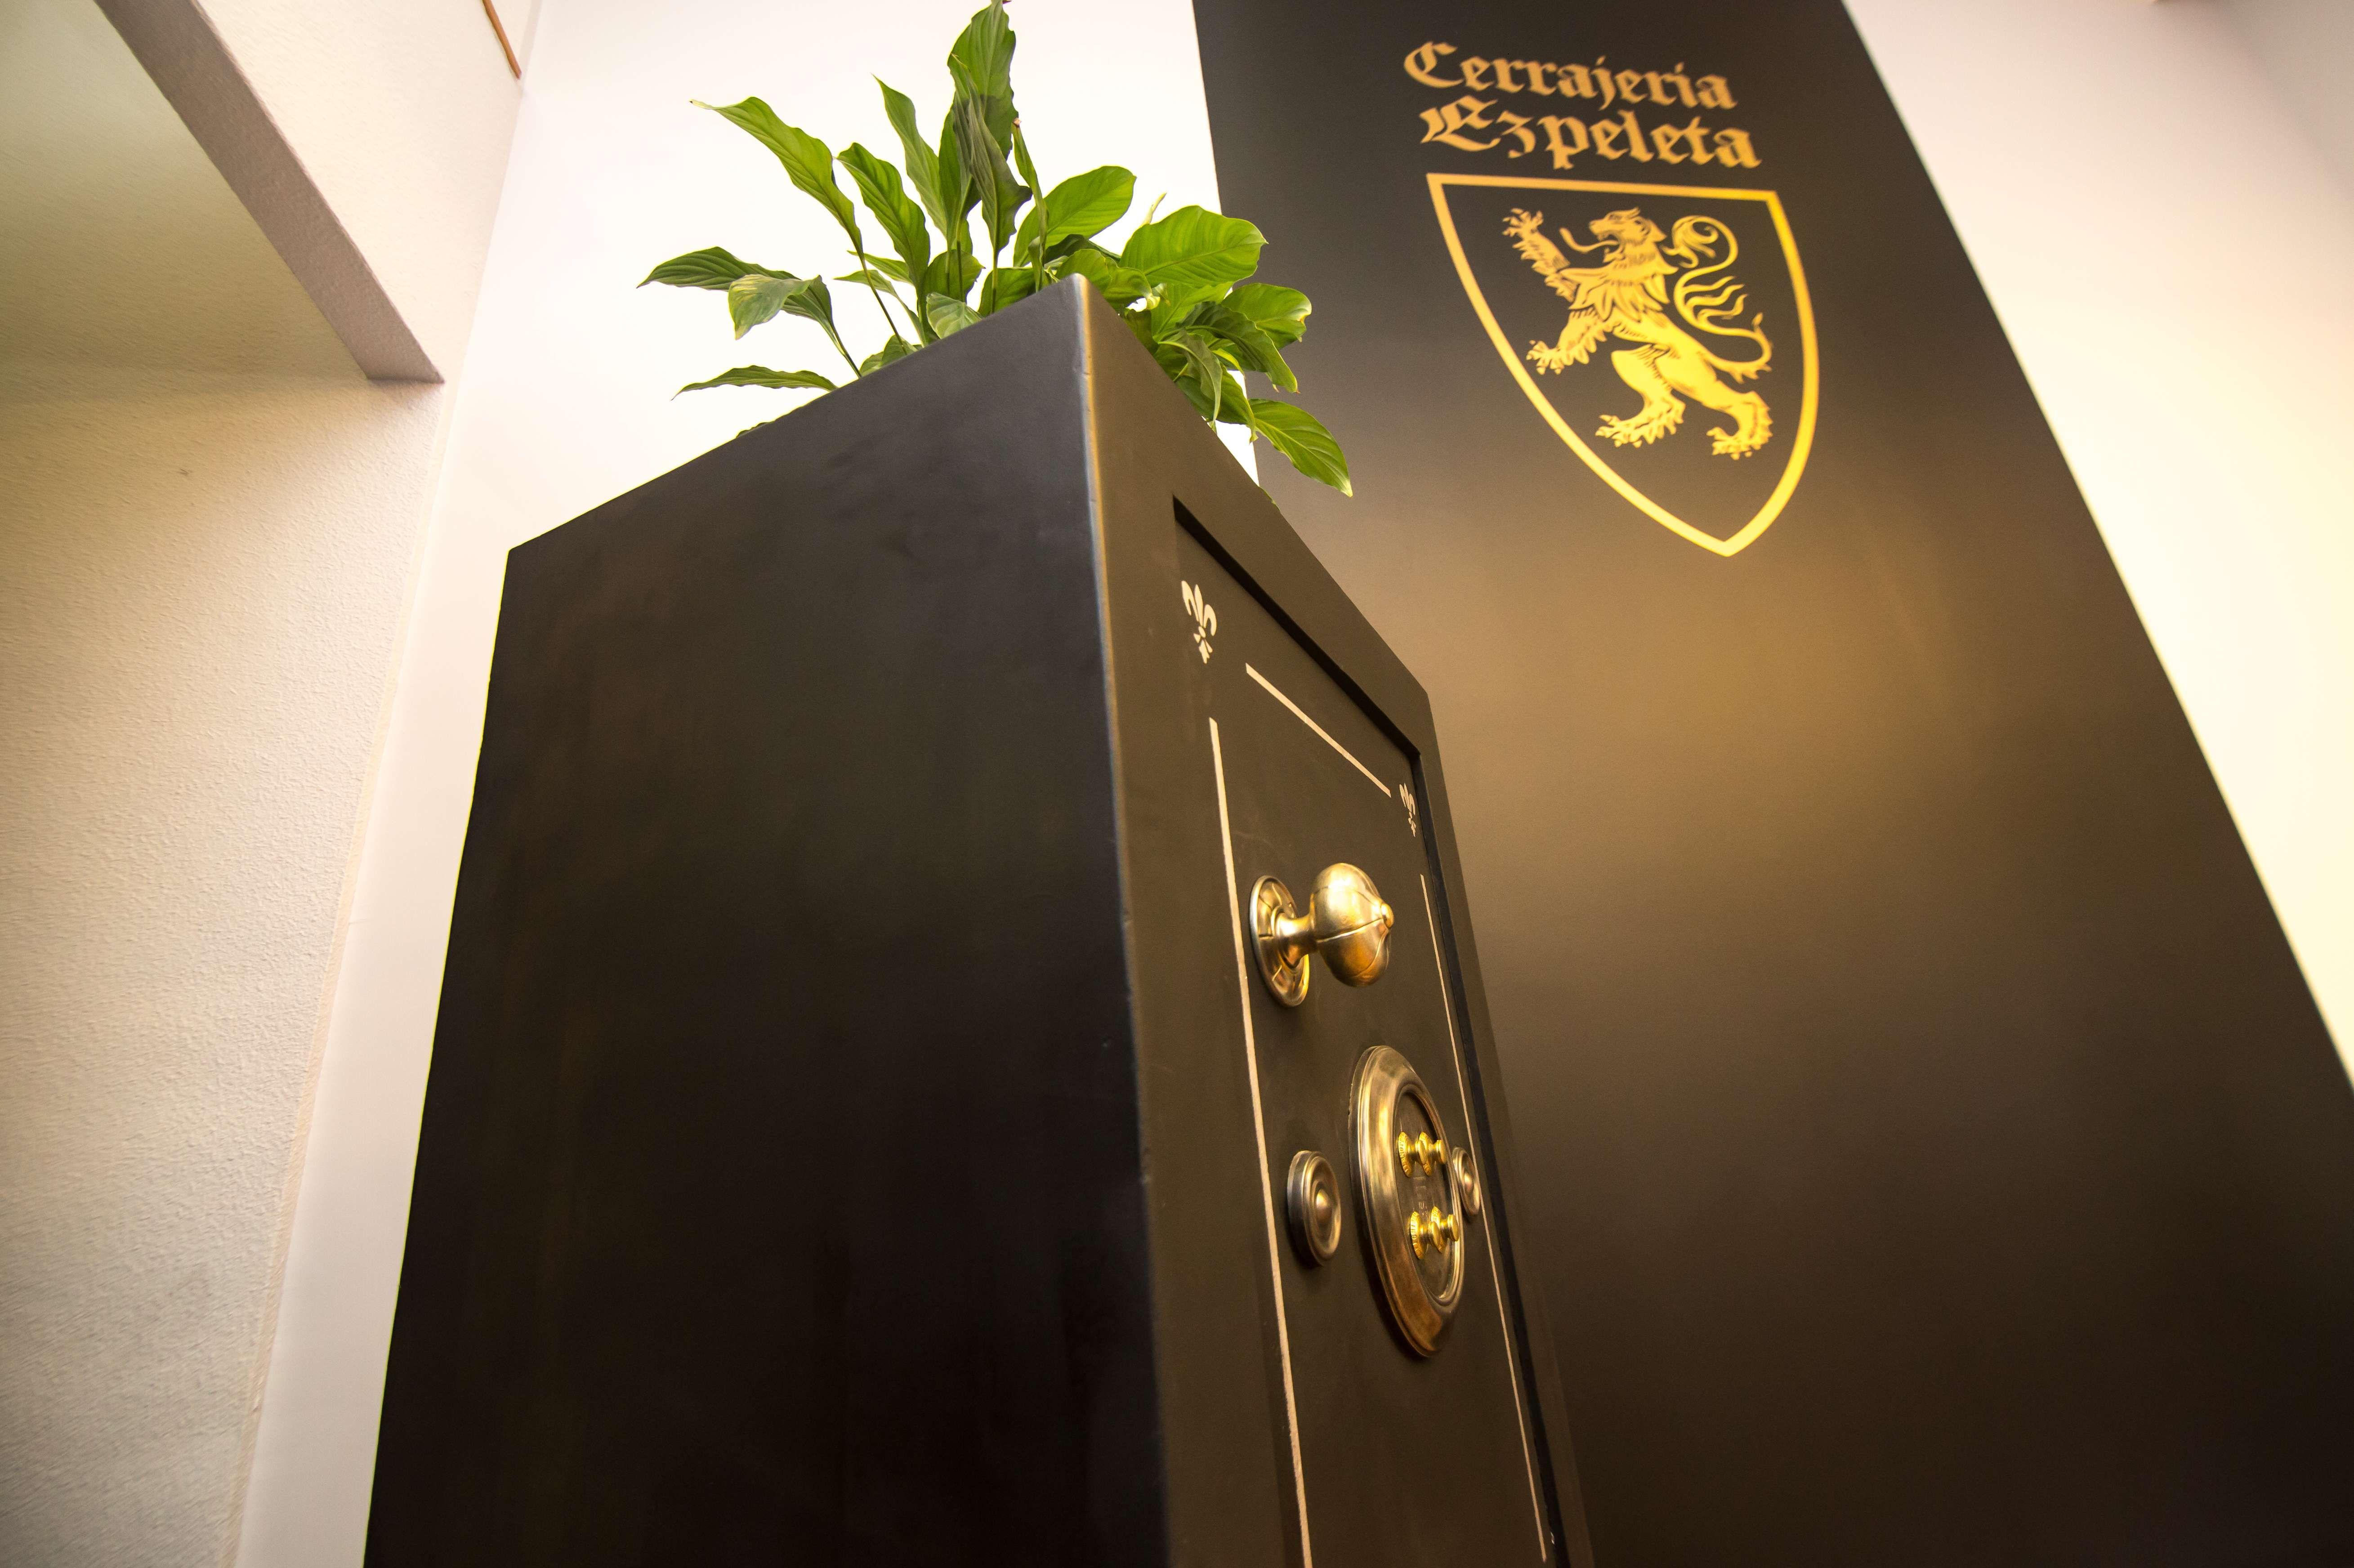 Venta y apertura de cajas fuertes en Navarra